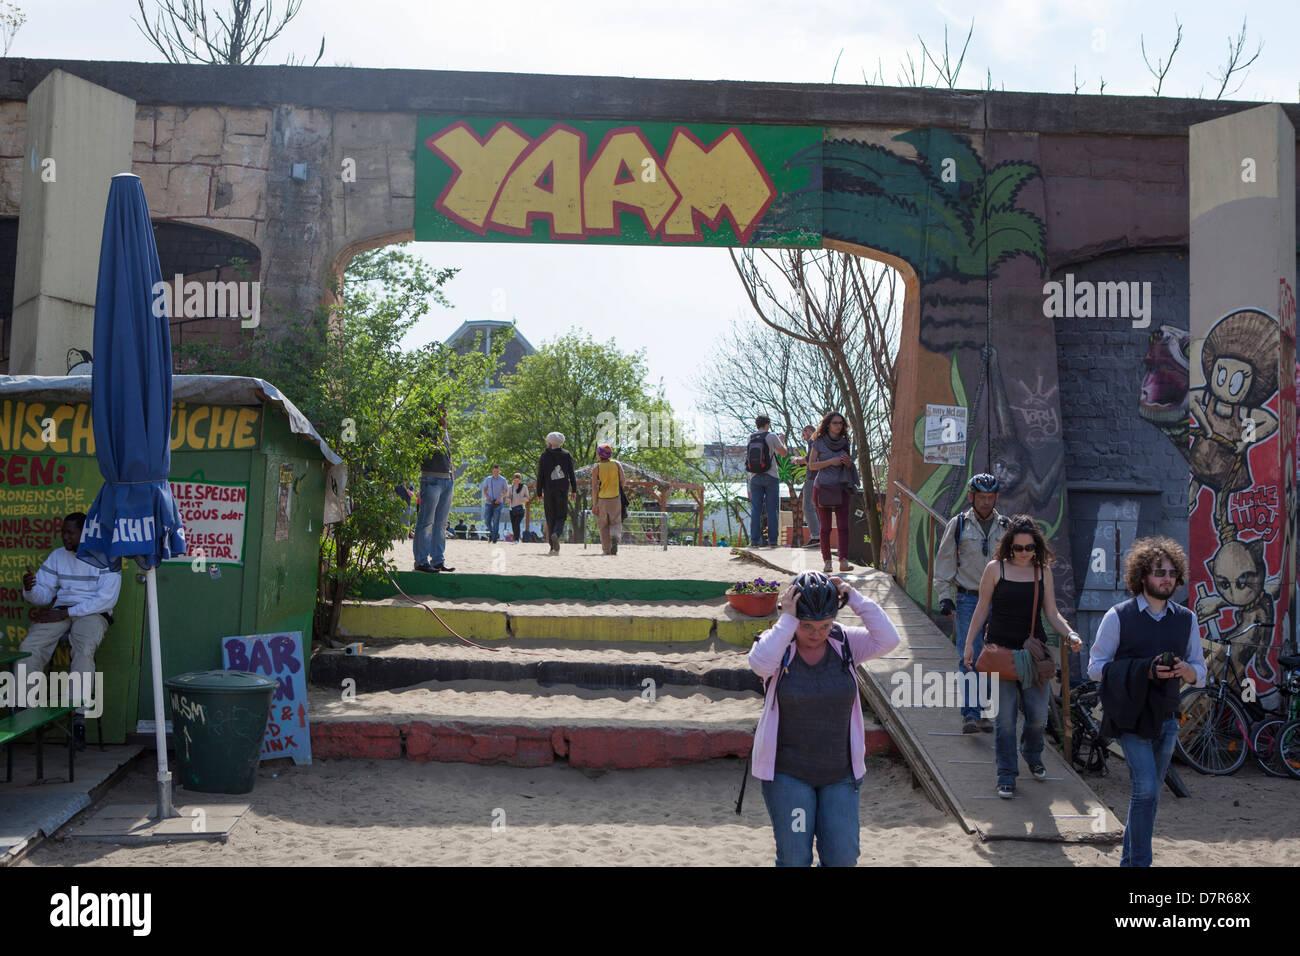 Les jeunes allemands au Yaam. Yaam est l'un des lieux les plus importants pour la culture et le style de vie Photo Stock